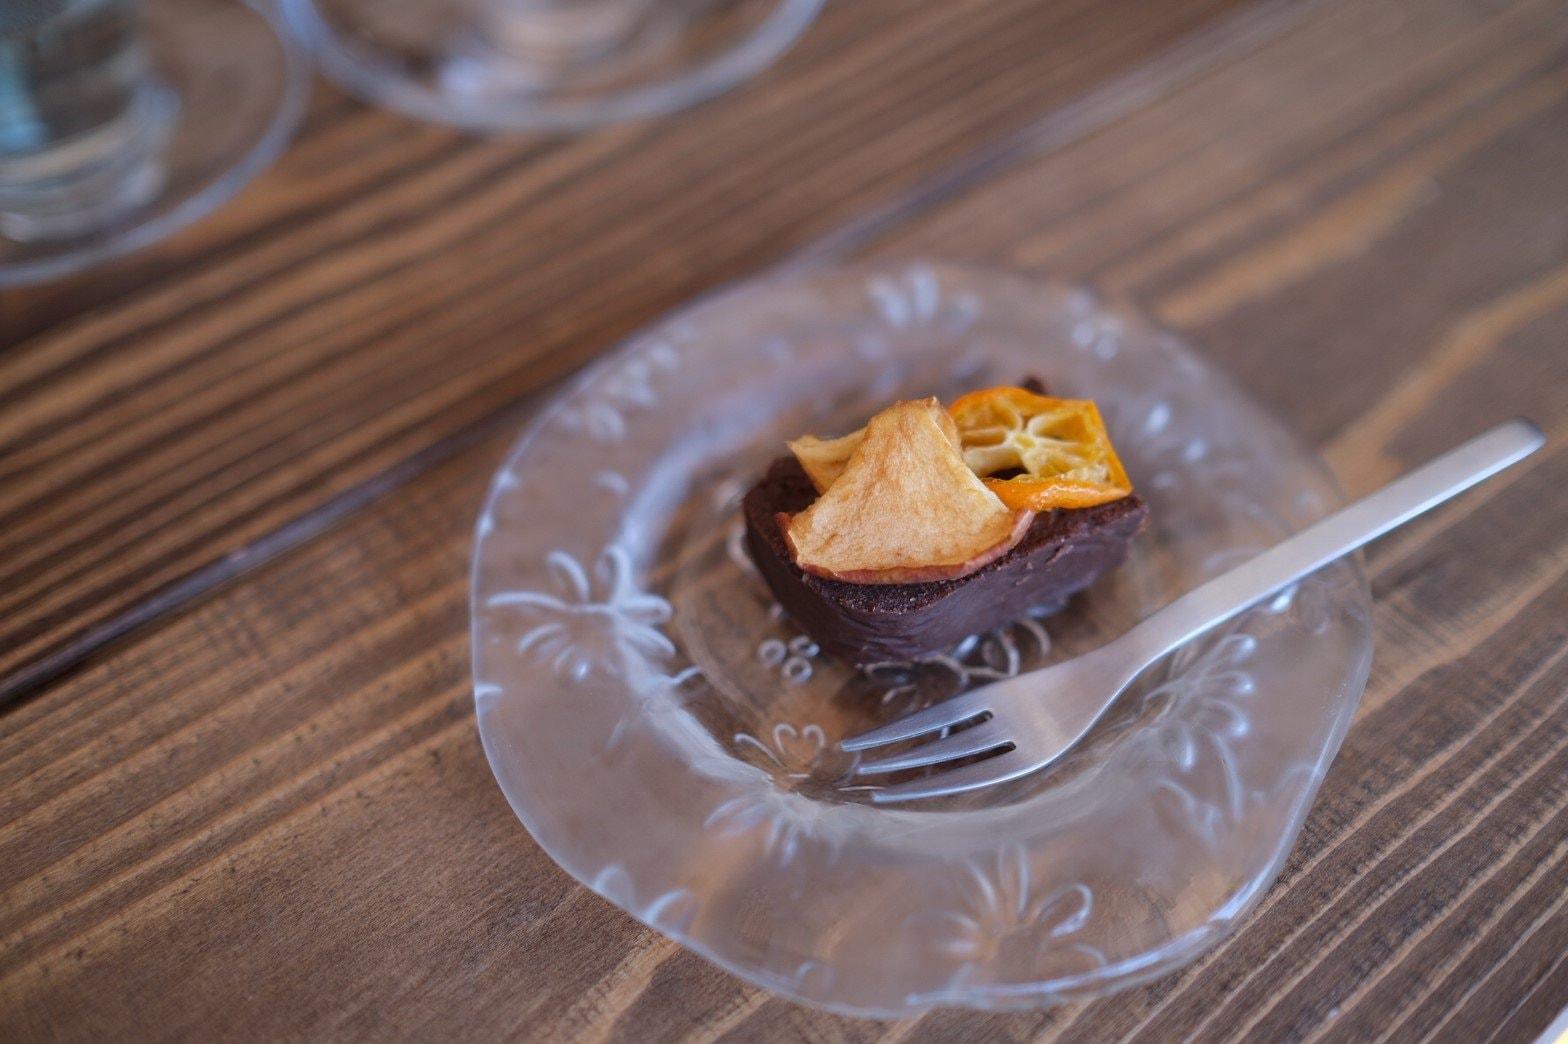 発酵食品deからだにやさしいランチ ハーブティー&スイーツ付き (その他のドリンク ✙50円)のイメージその5